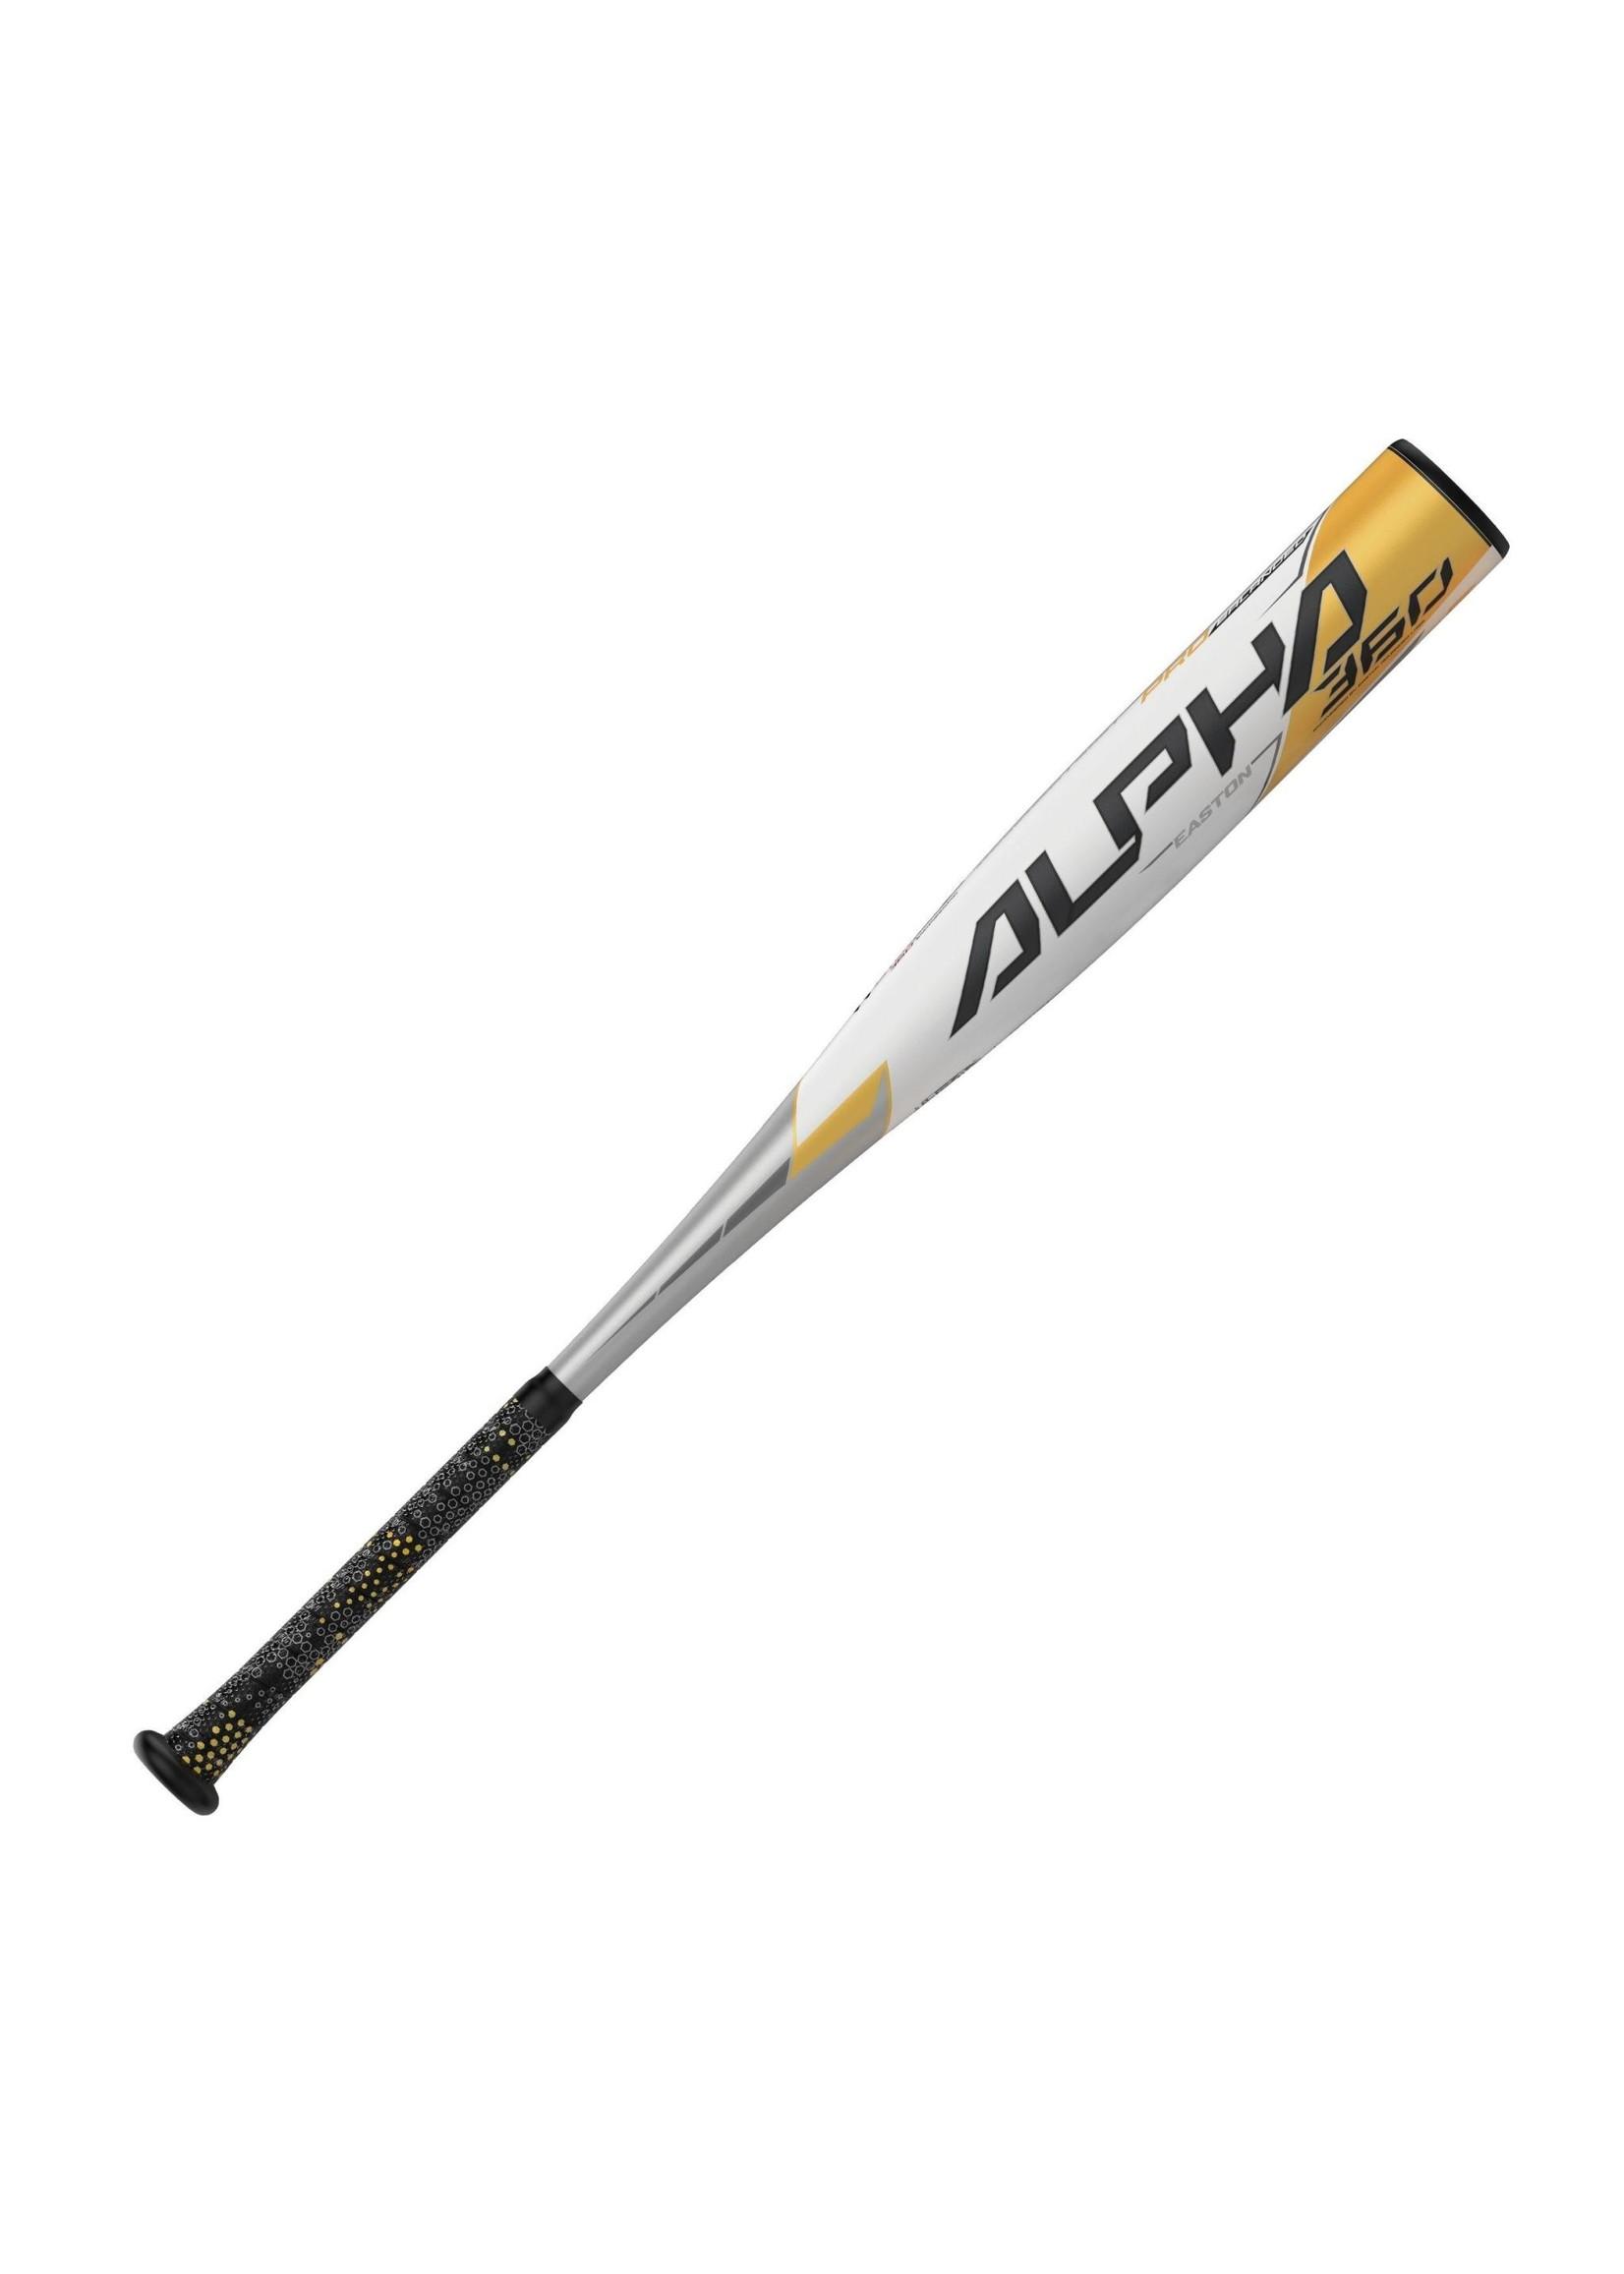 Easton Baseball (Canada) EASTON ALPHA 360 BATON BASEBALL -5 (2''5/8)